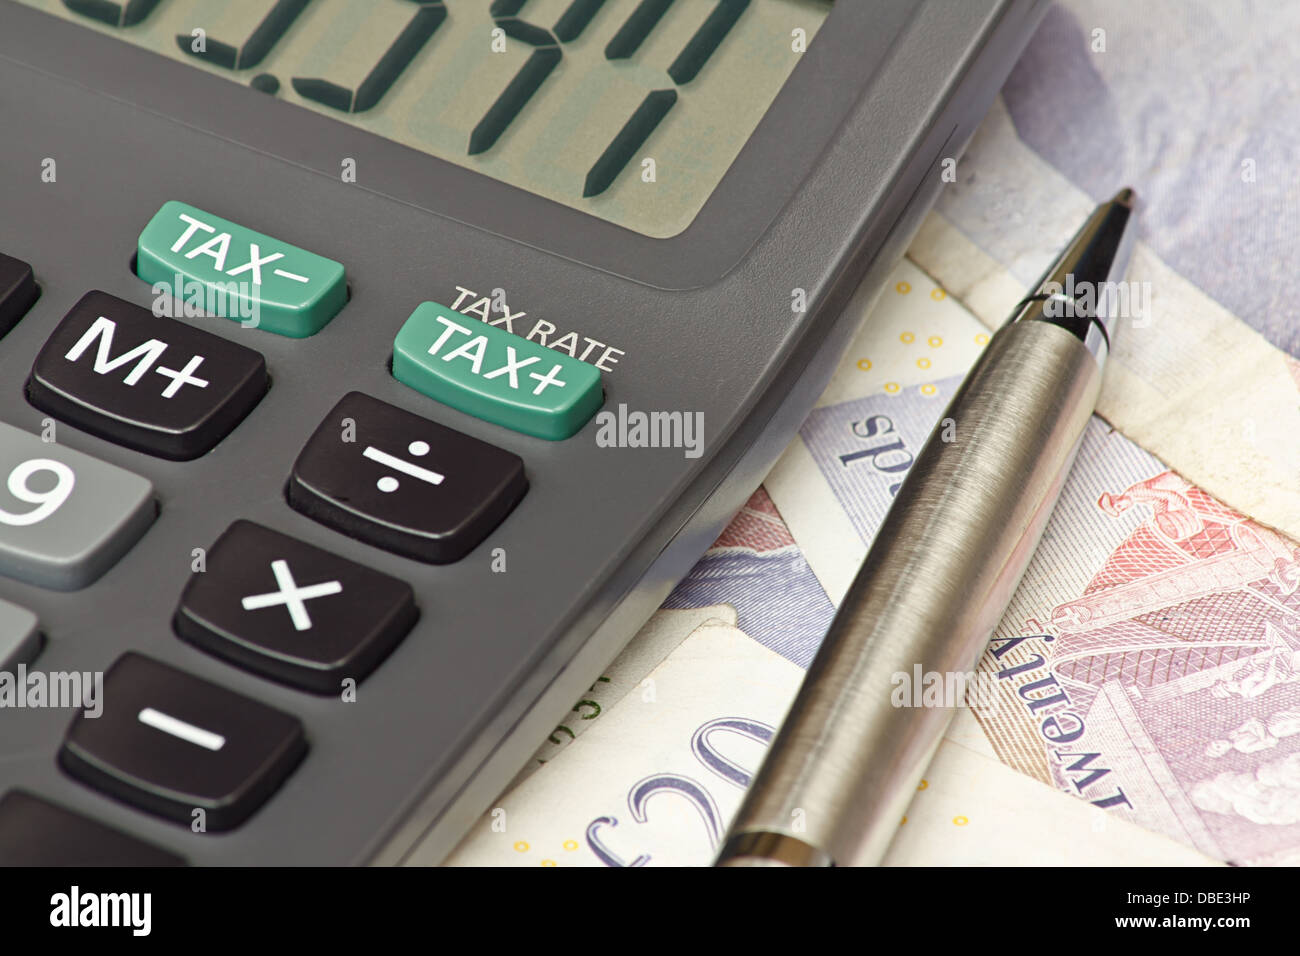 Calculatrice et stylo symbolisant Comment remplir vos déclarations de revenus des particuliers de l'Inland Photo Stock